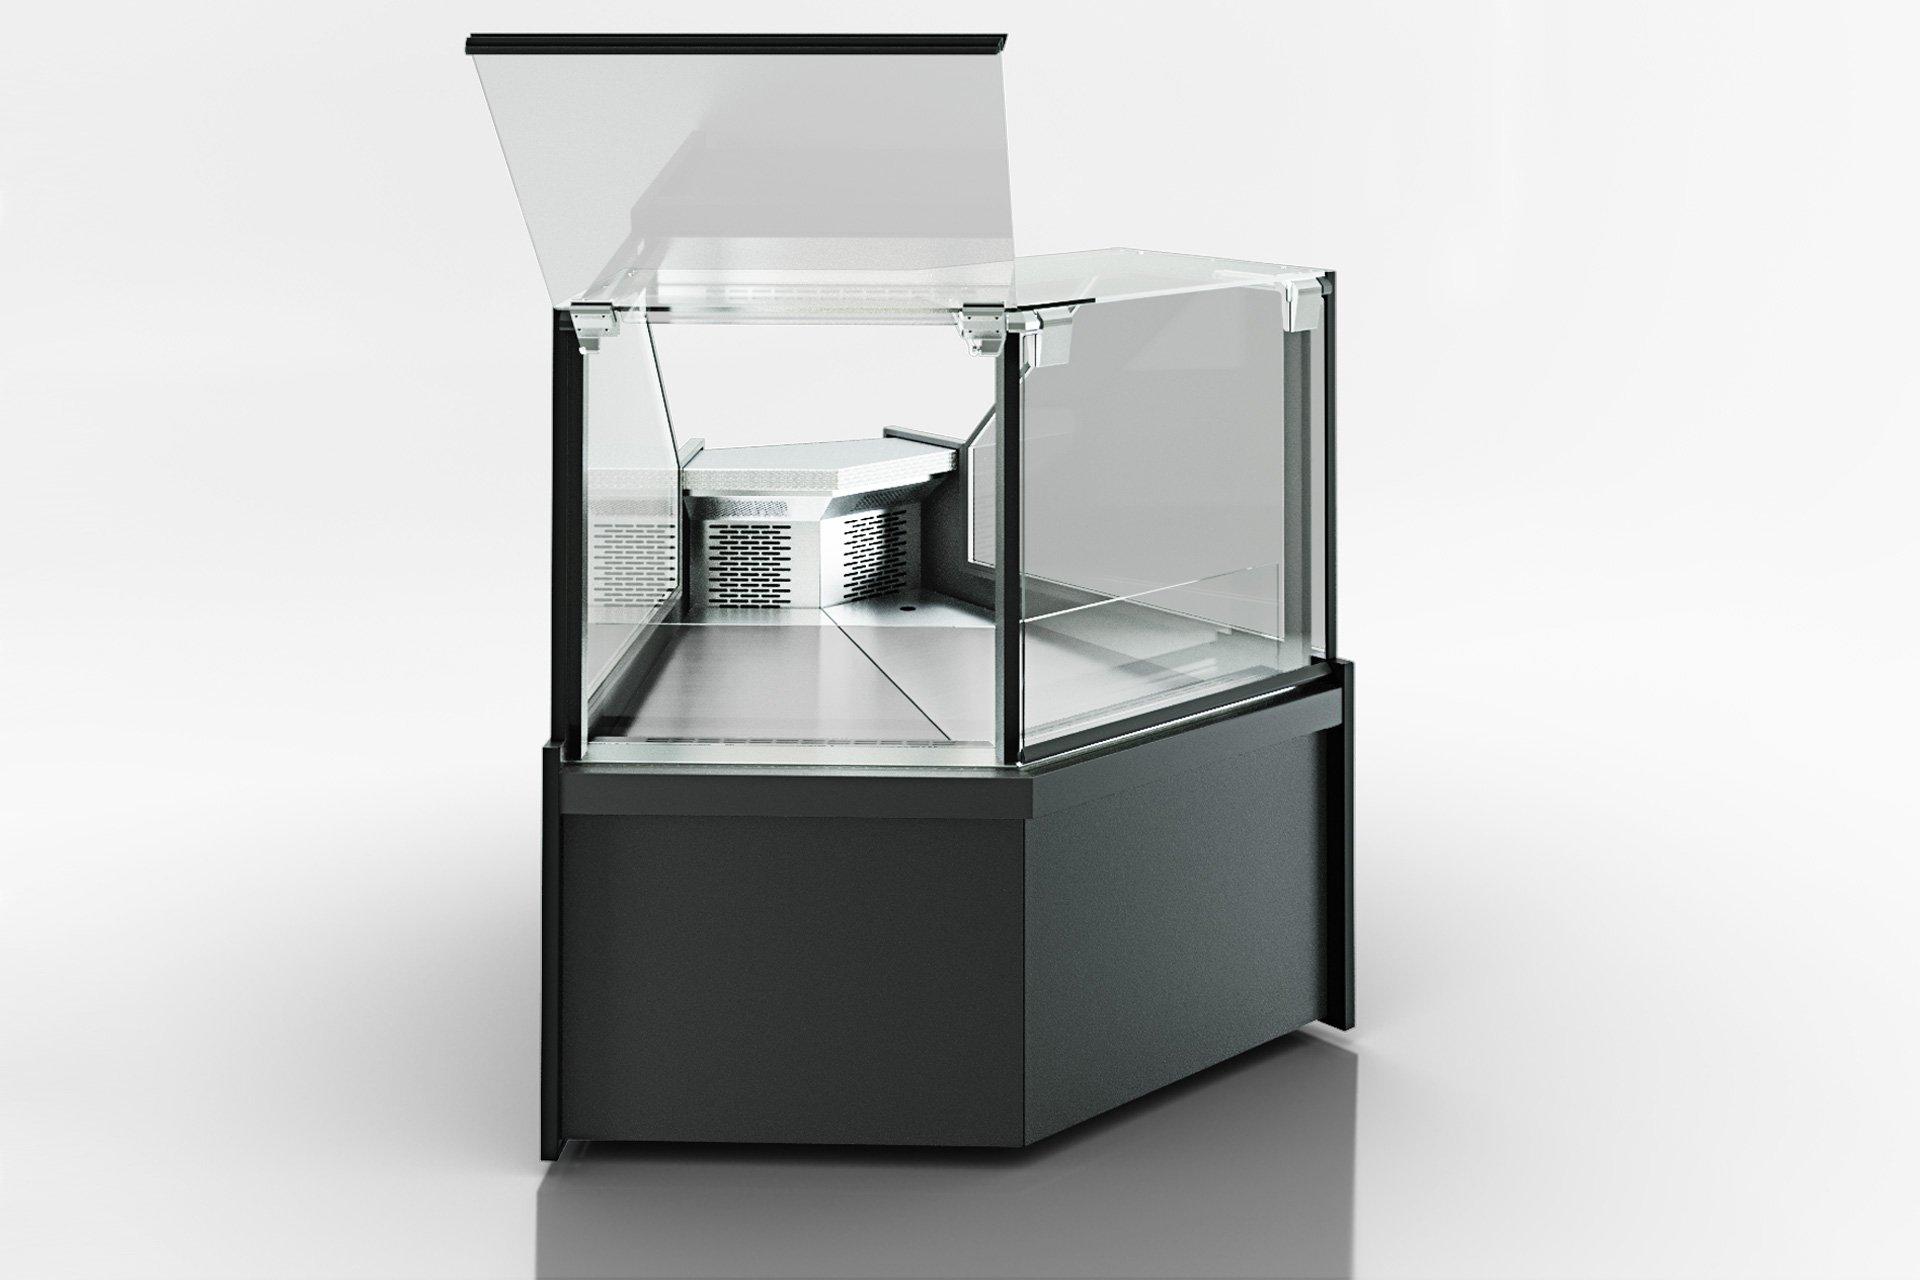 Угловые эленты холодильных витрин Missouri MC 120 deli PS 130-DLM-ES45